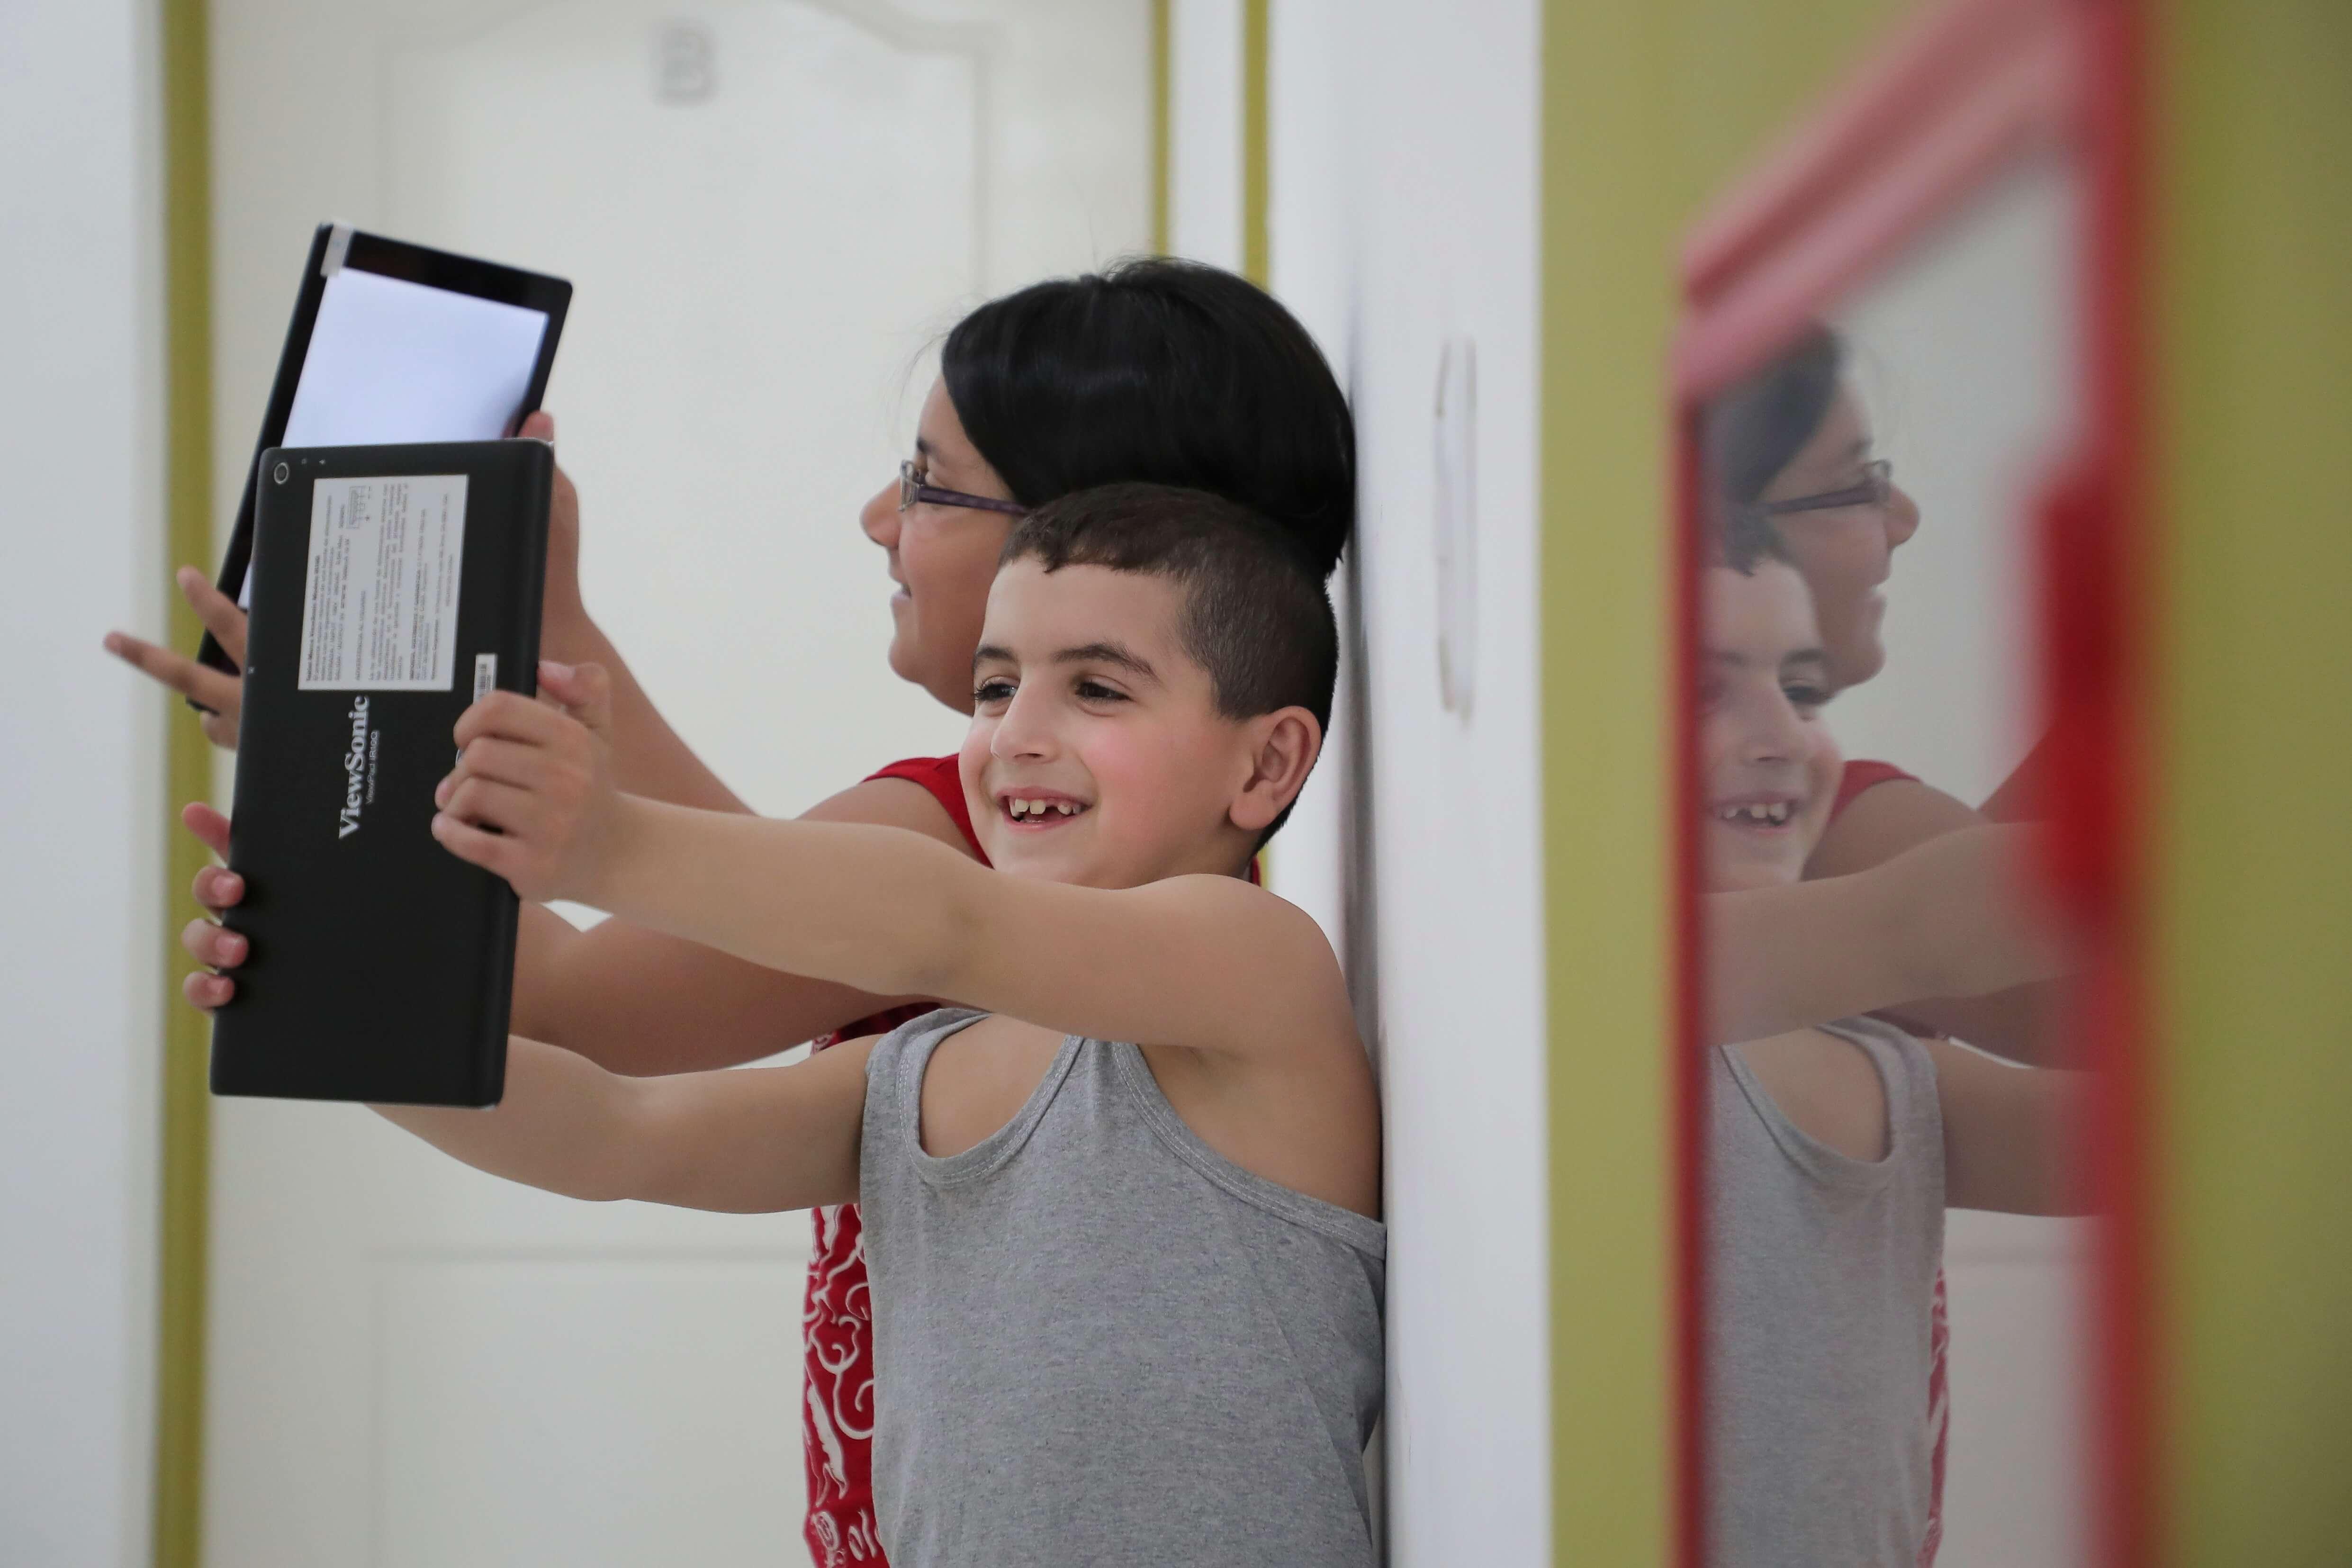 Prohibir acceso a internet a niños no tiene sentido, dicen especialistas